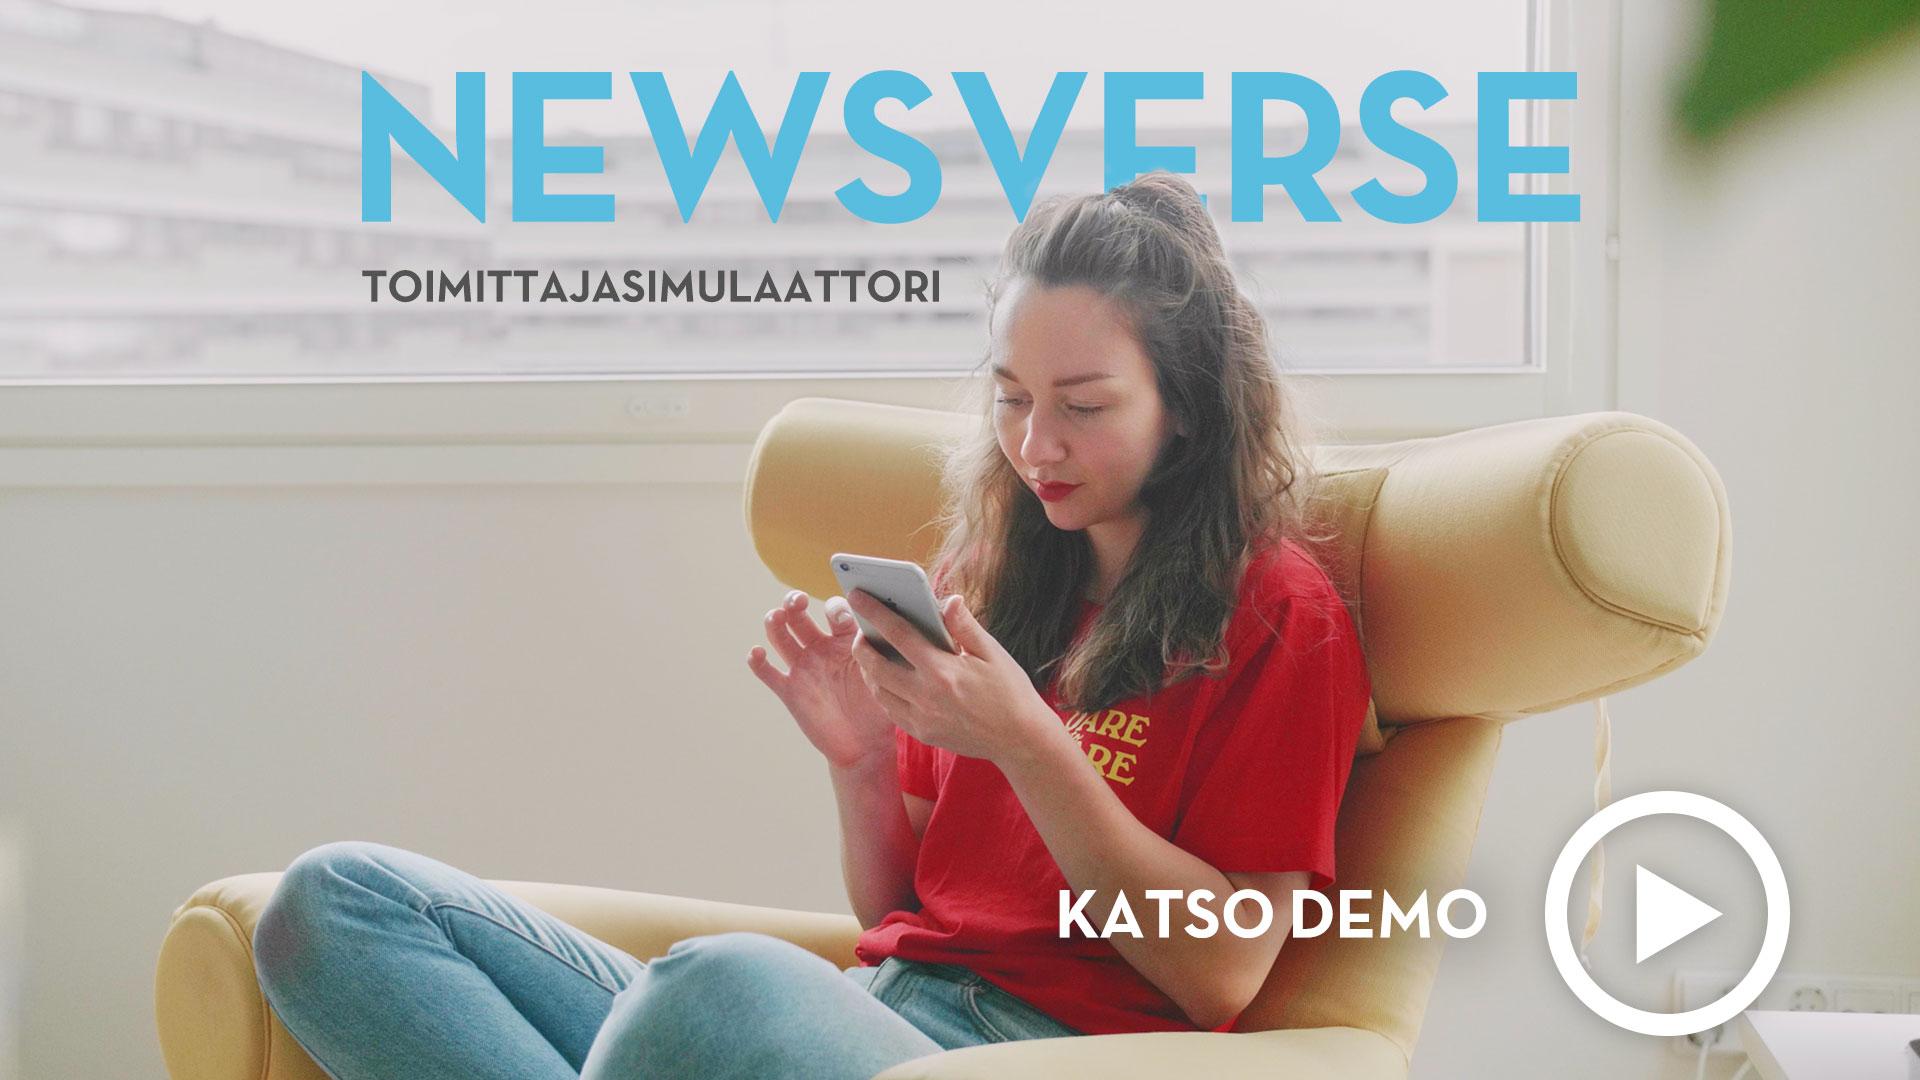 Newsverse toimittajasimulaattorin demovideo.